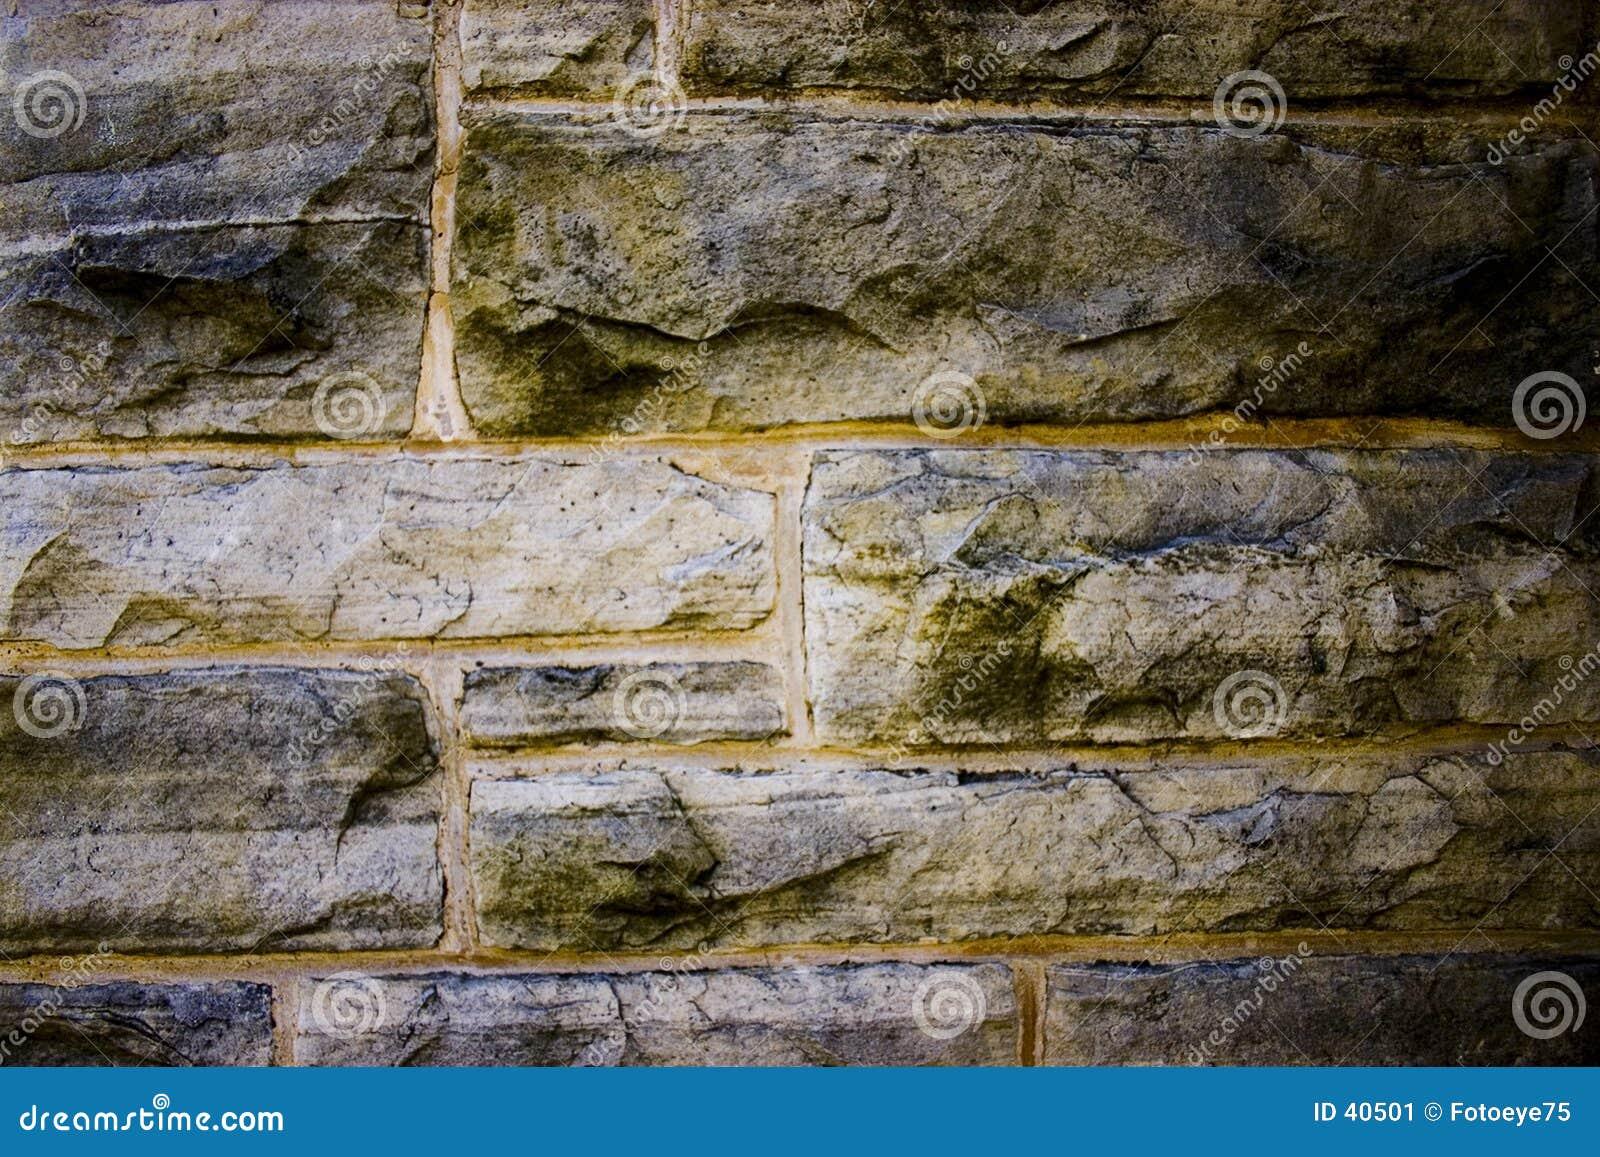 Download Pared de piedra imagen de archivo. Imagen de fondo, piedra - 40501